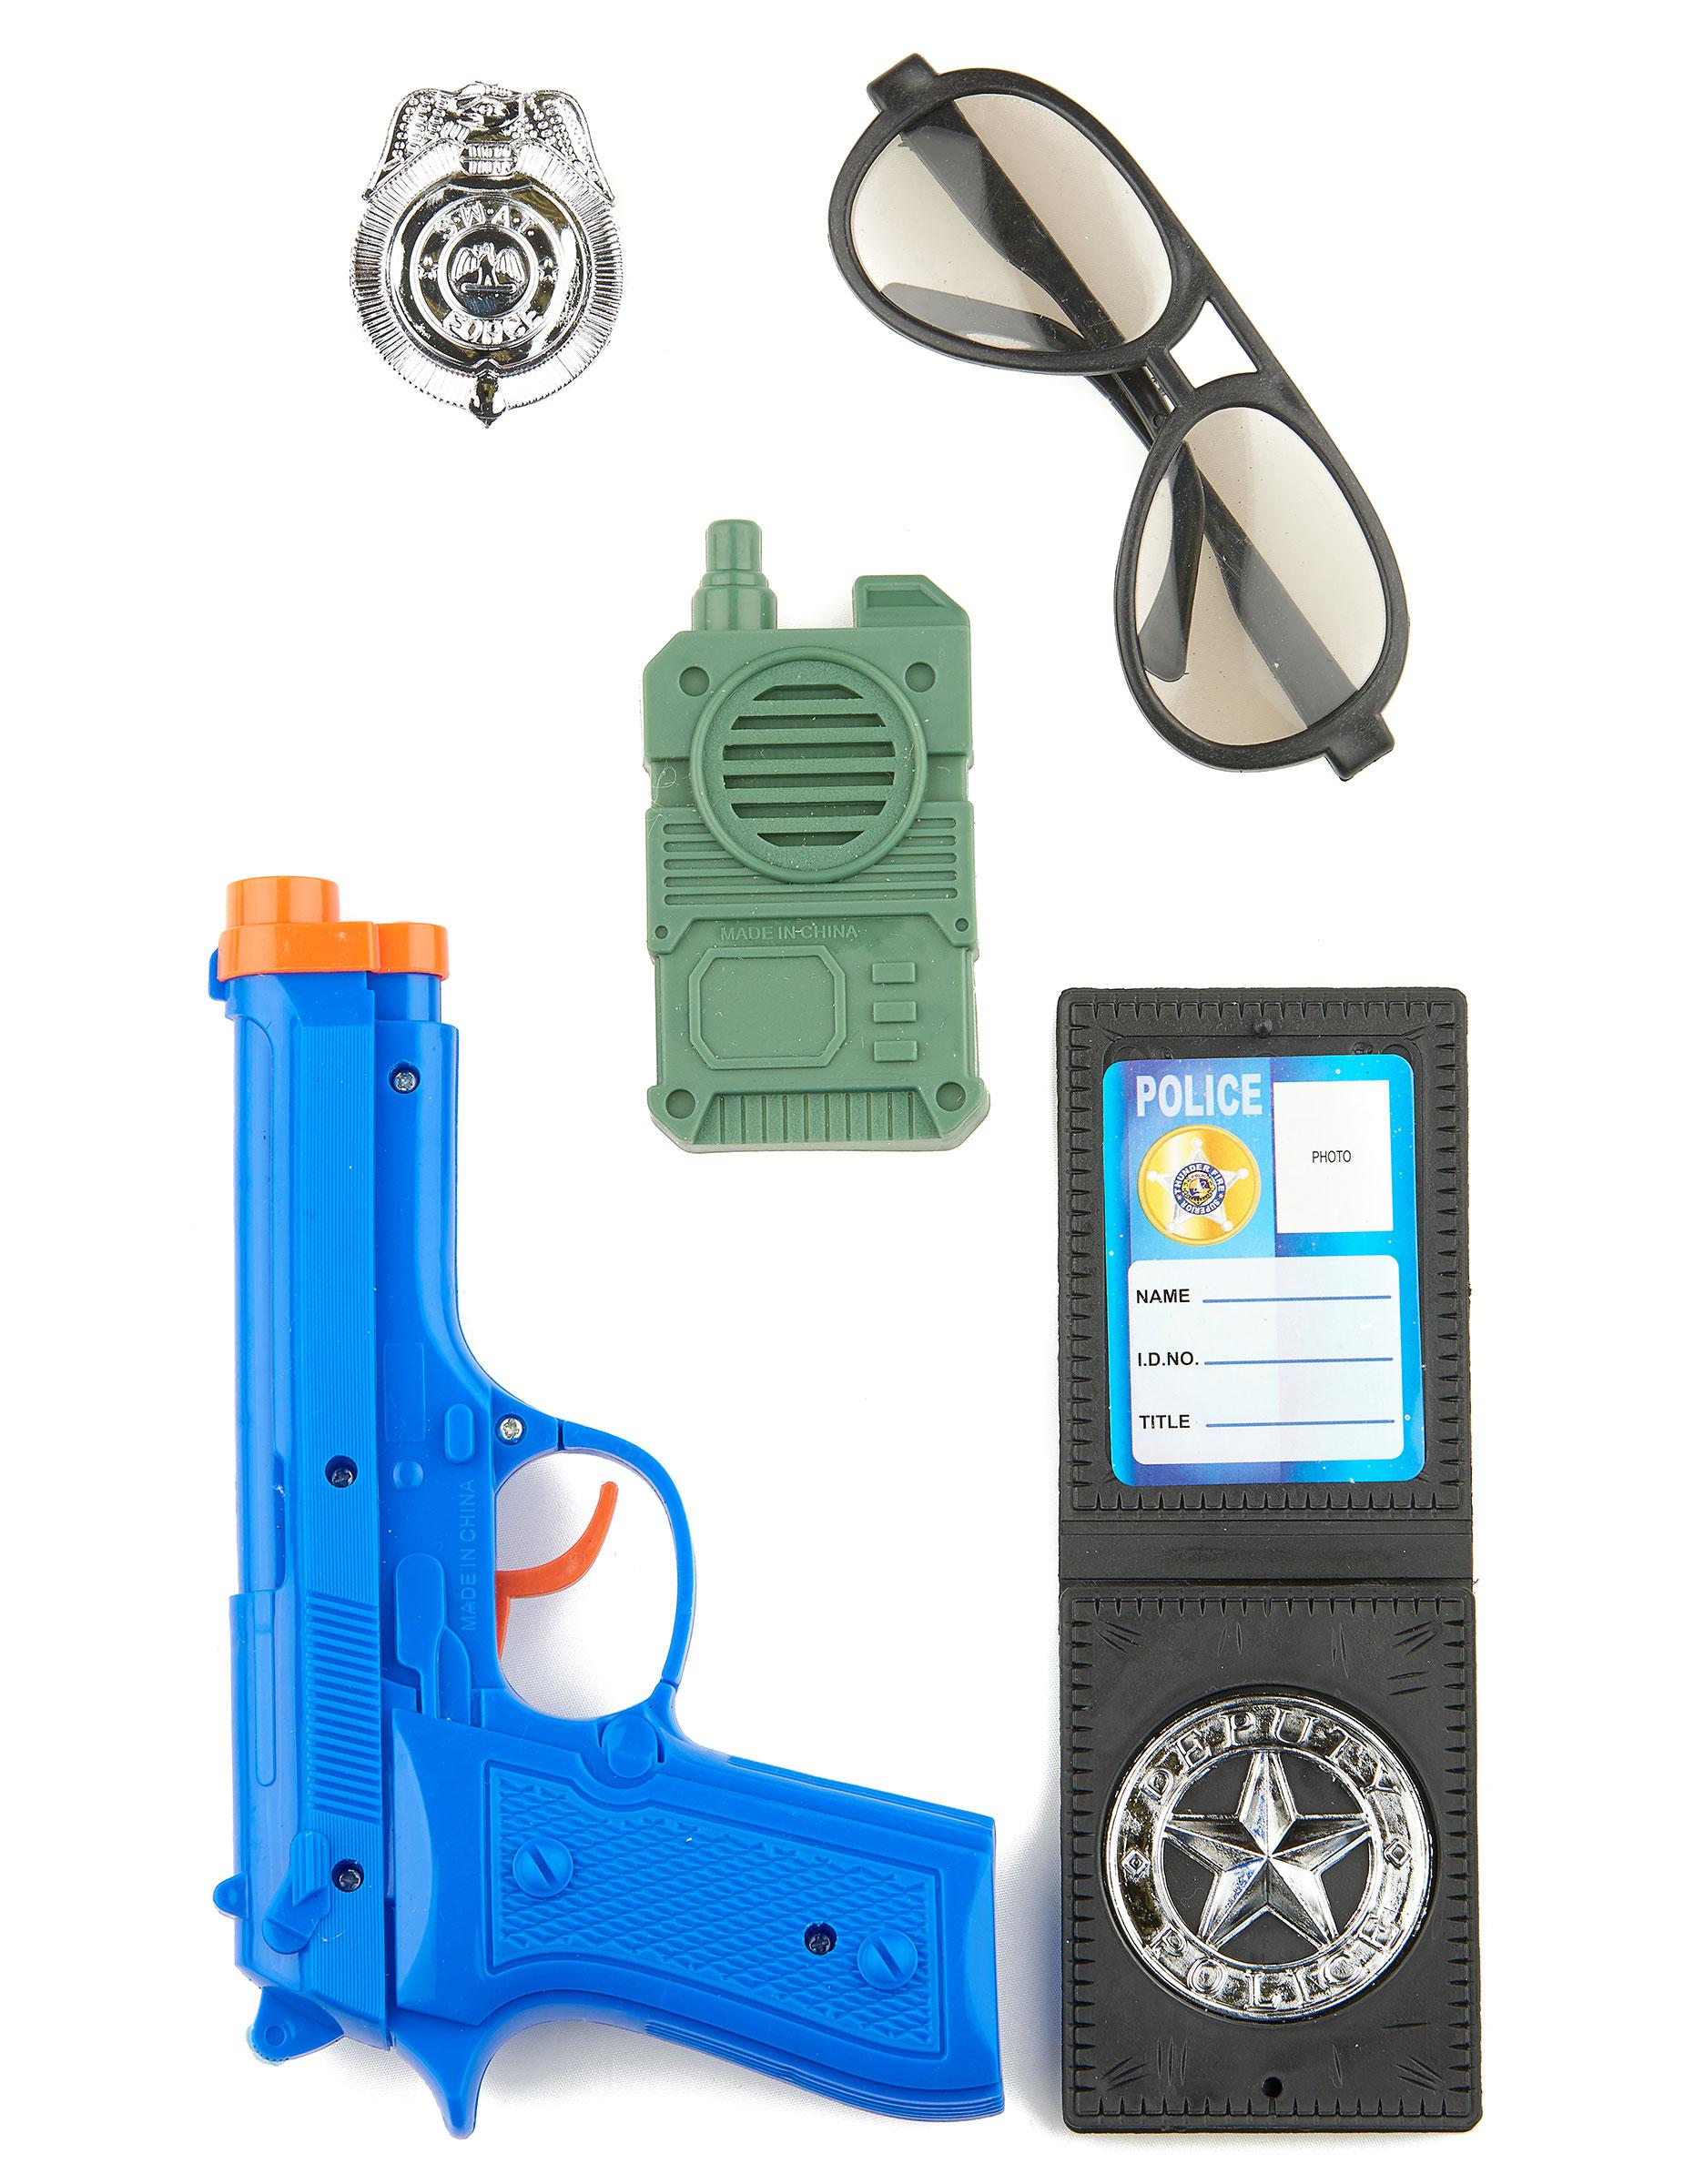 polizei set für kinder accessoiresund günstige